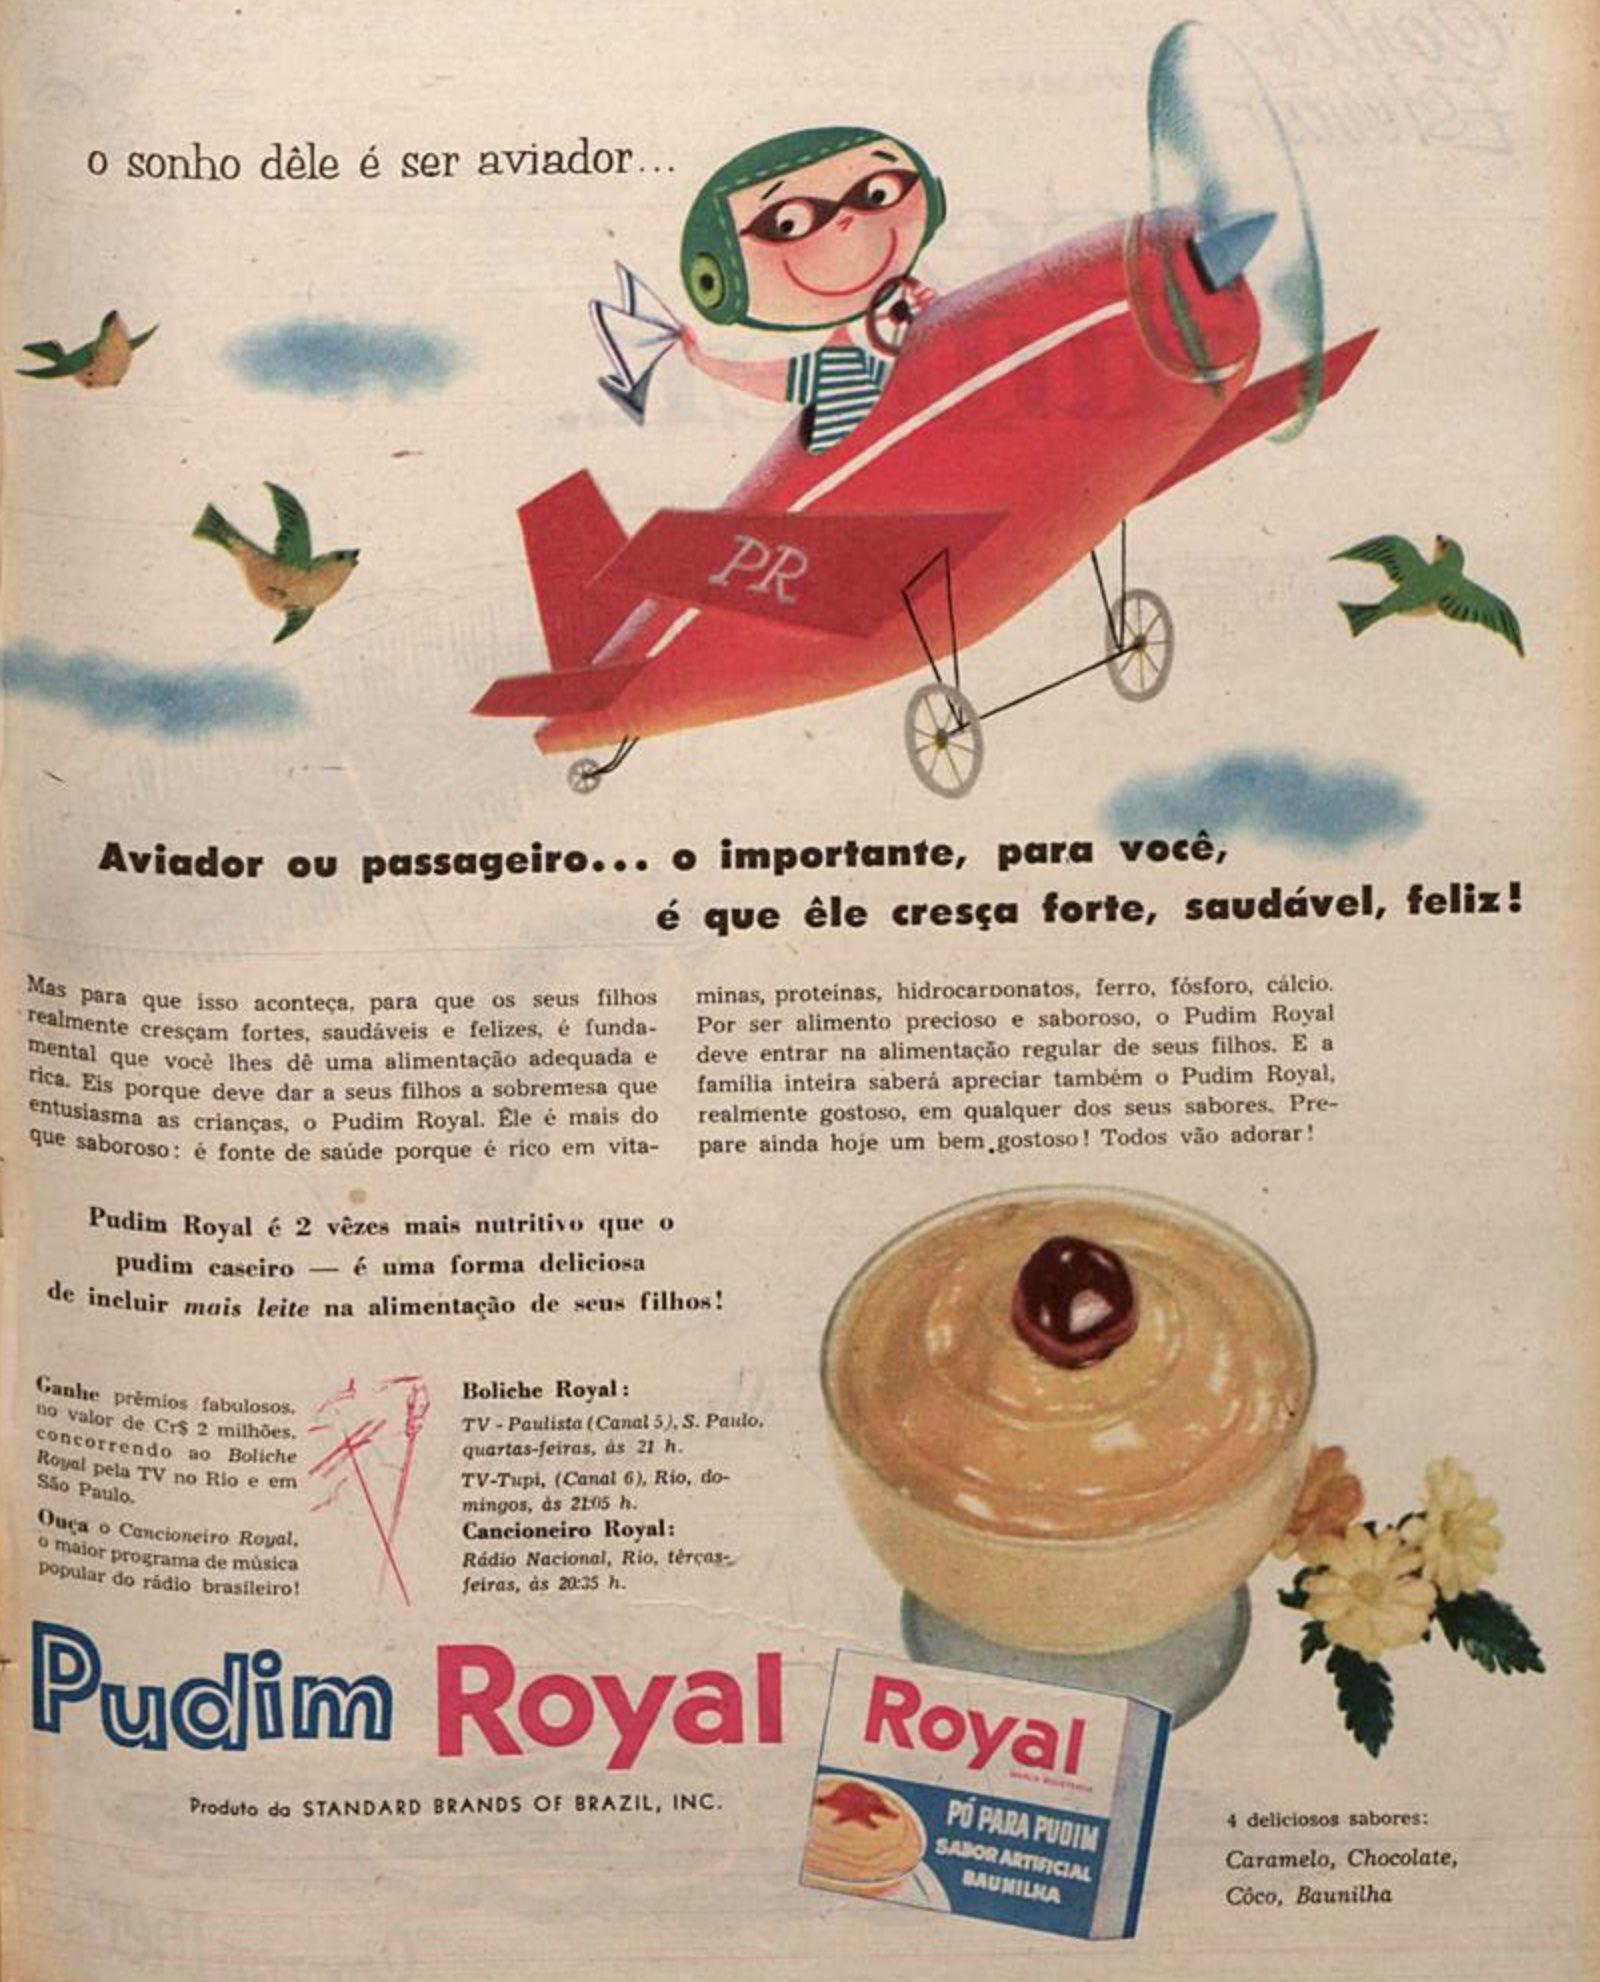 Anúncio da Royal veiculado em 1957 promovendo sua linha de pudins